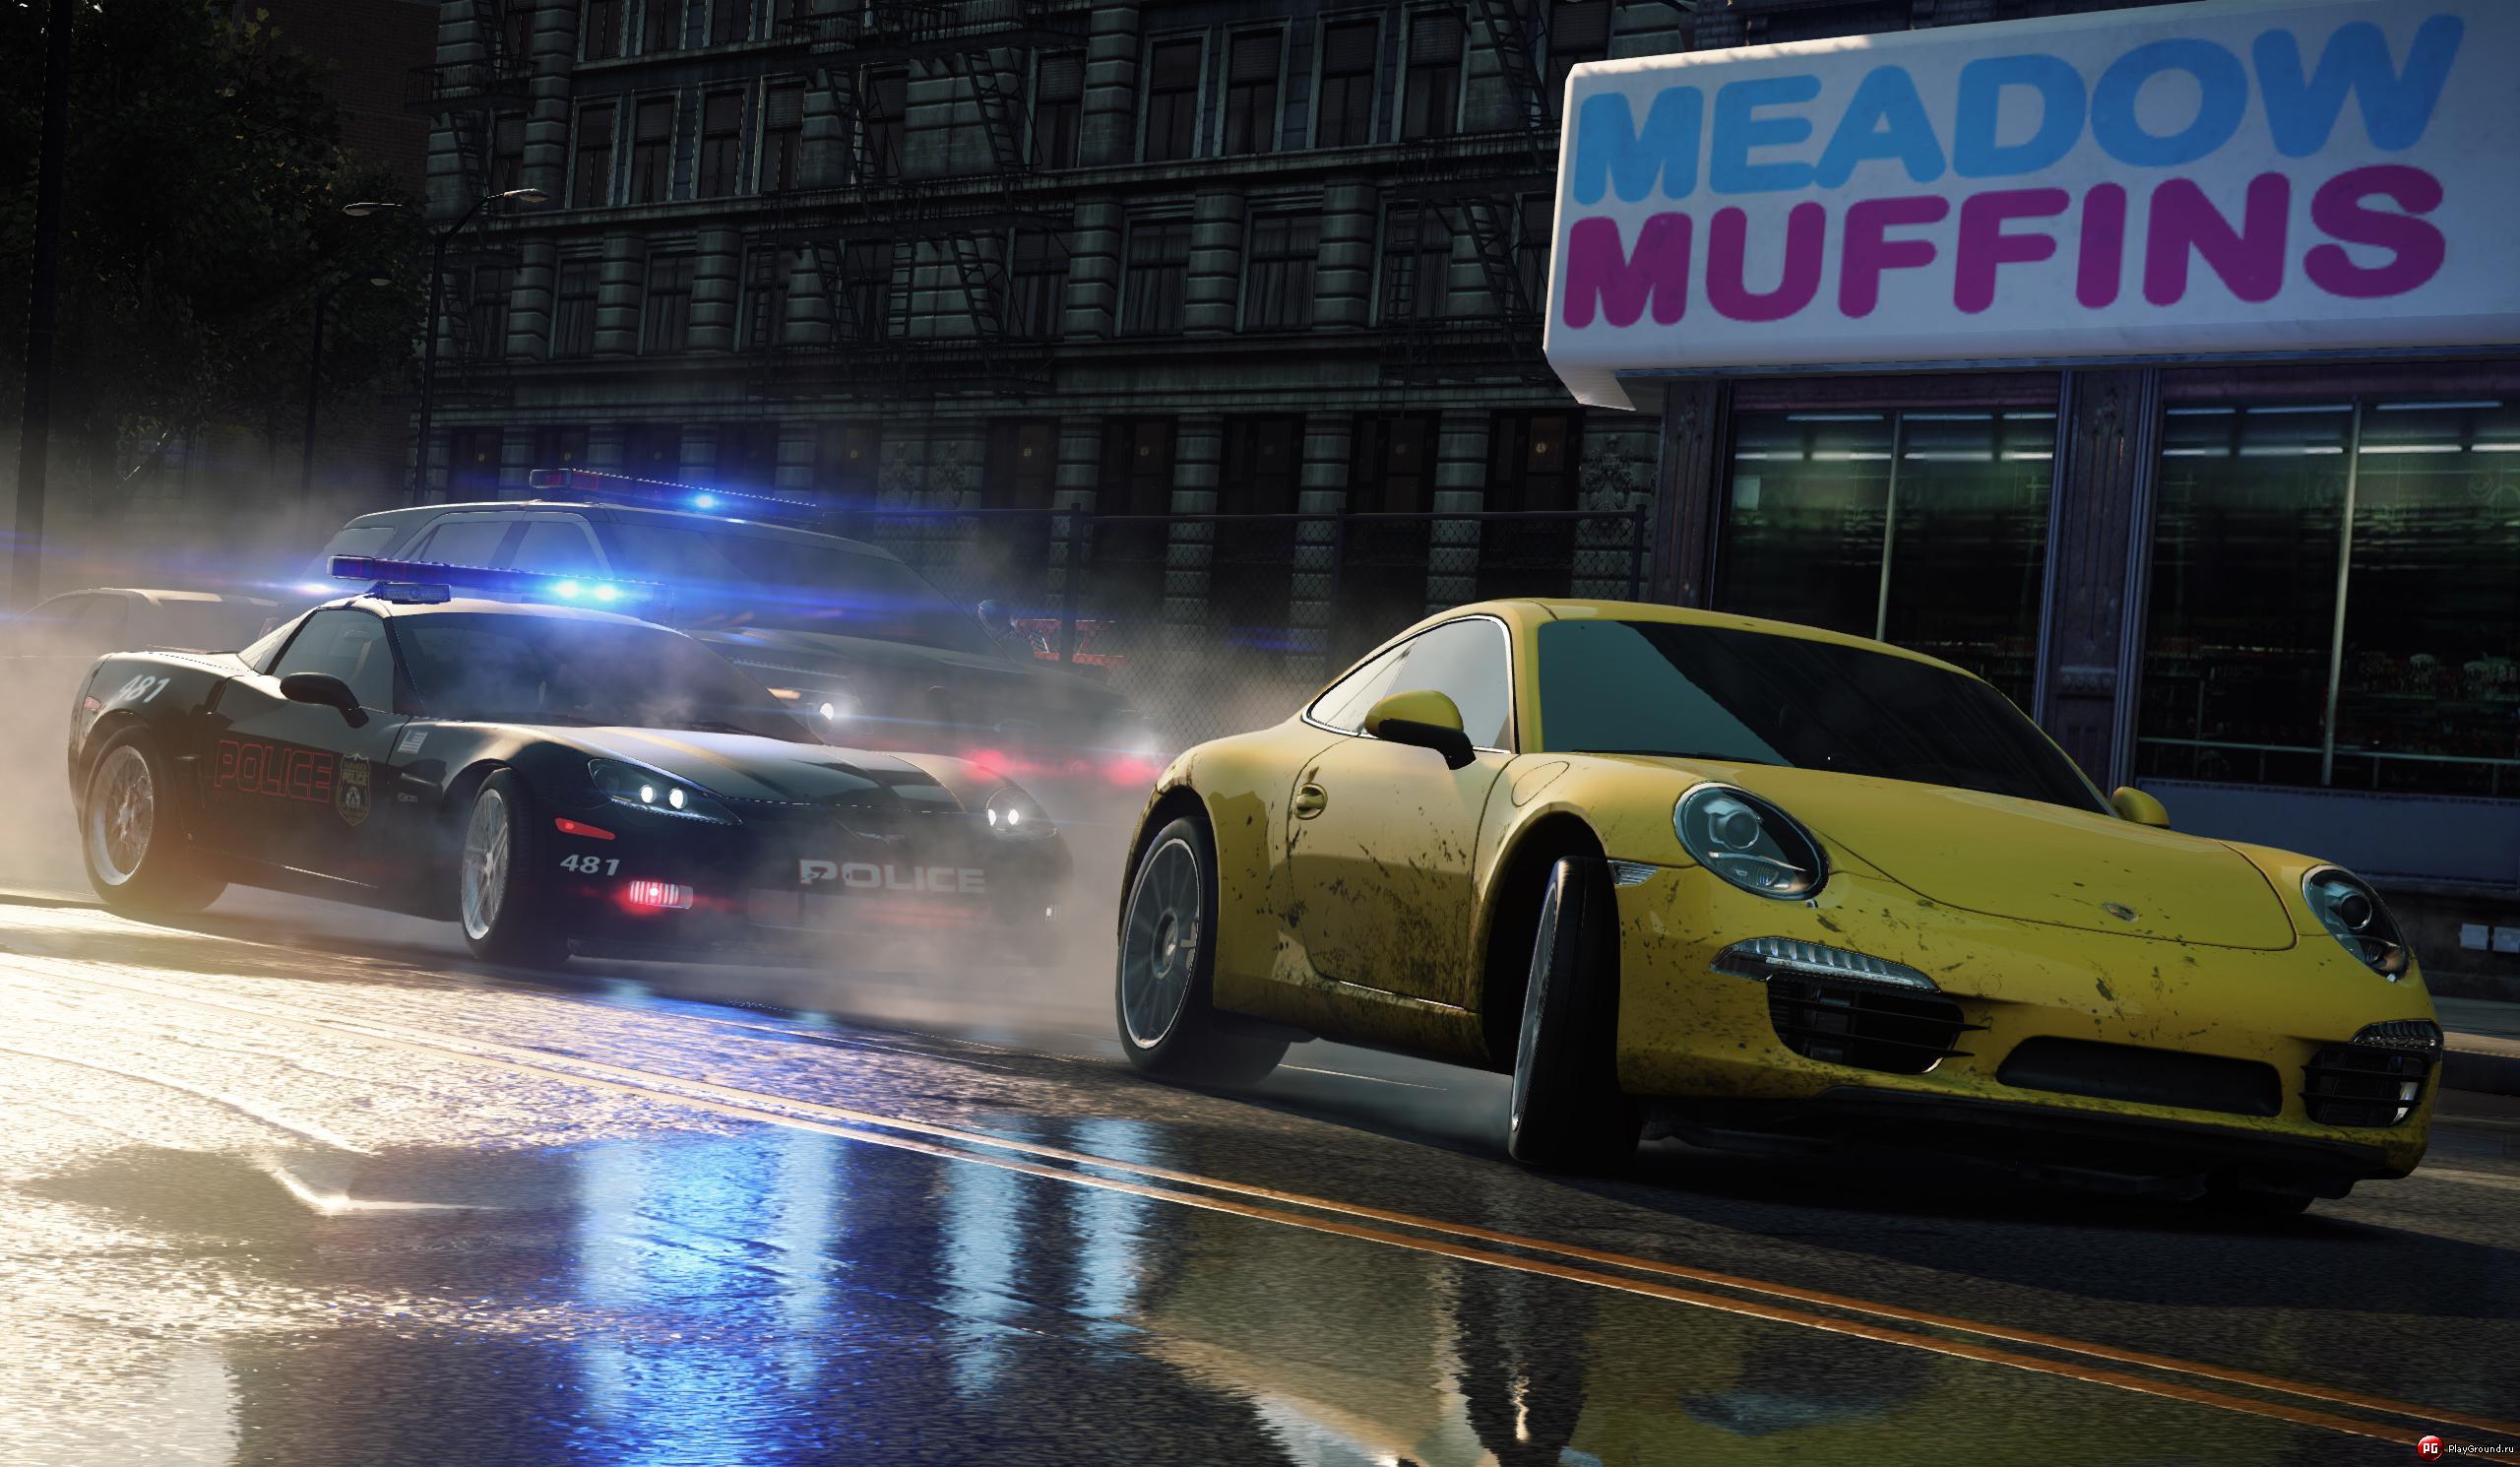 Уважаемые читатели блога, хотелось бы рассказать о новом Need For Speed: Most Wanted, который по сравнению с предыду .... - Изображение 2